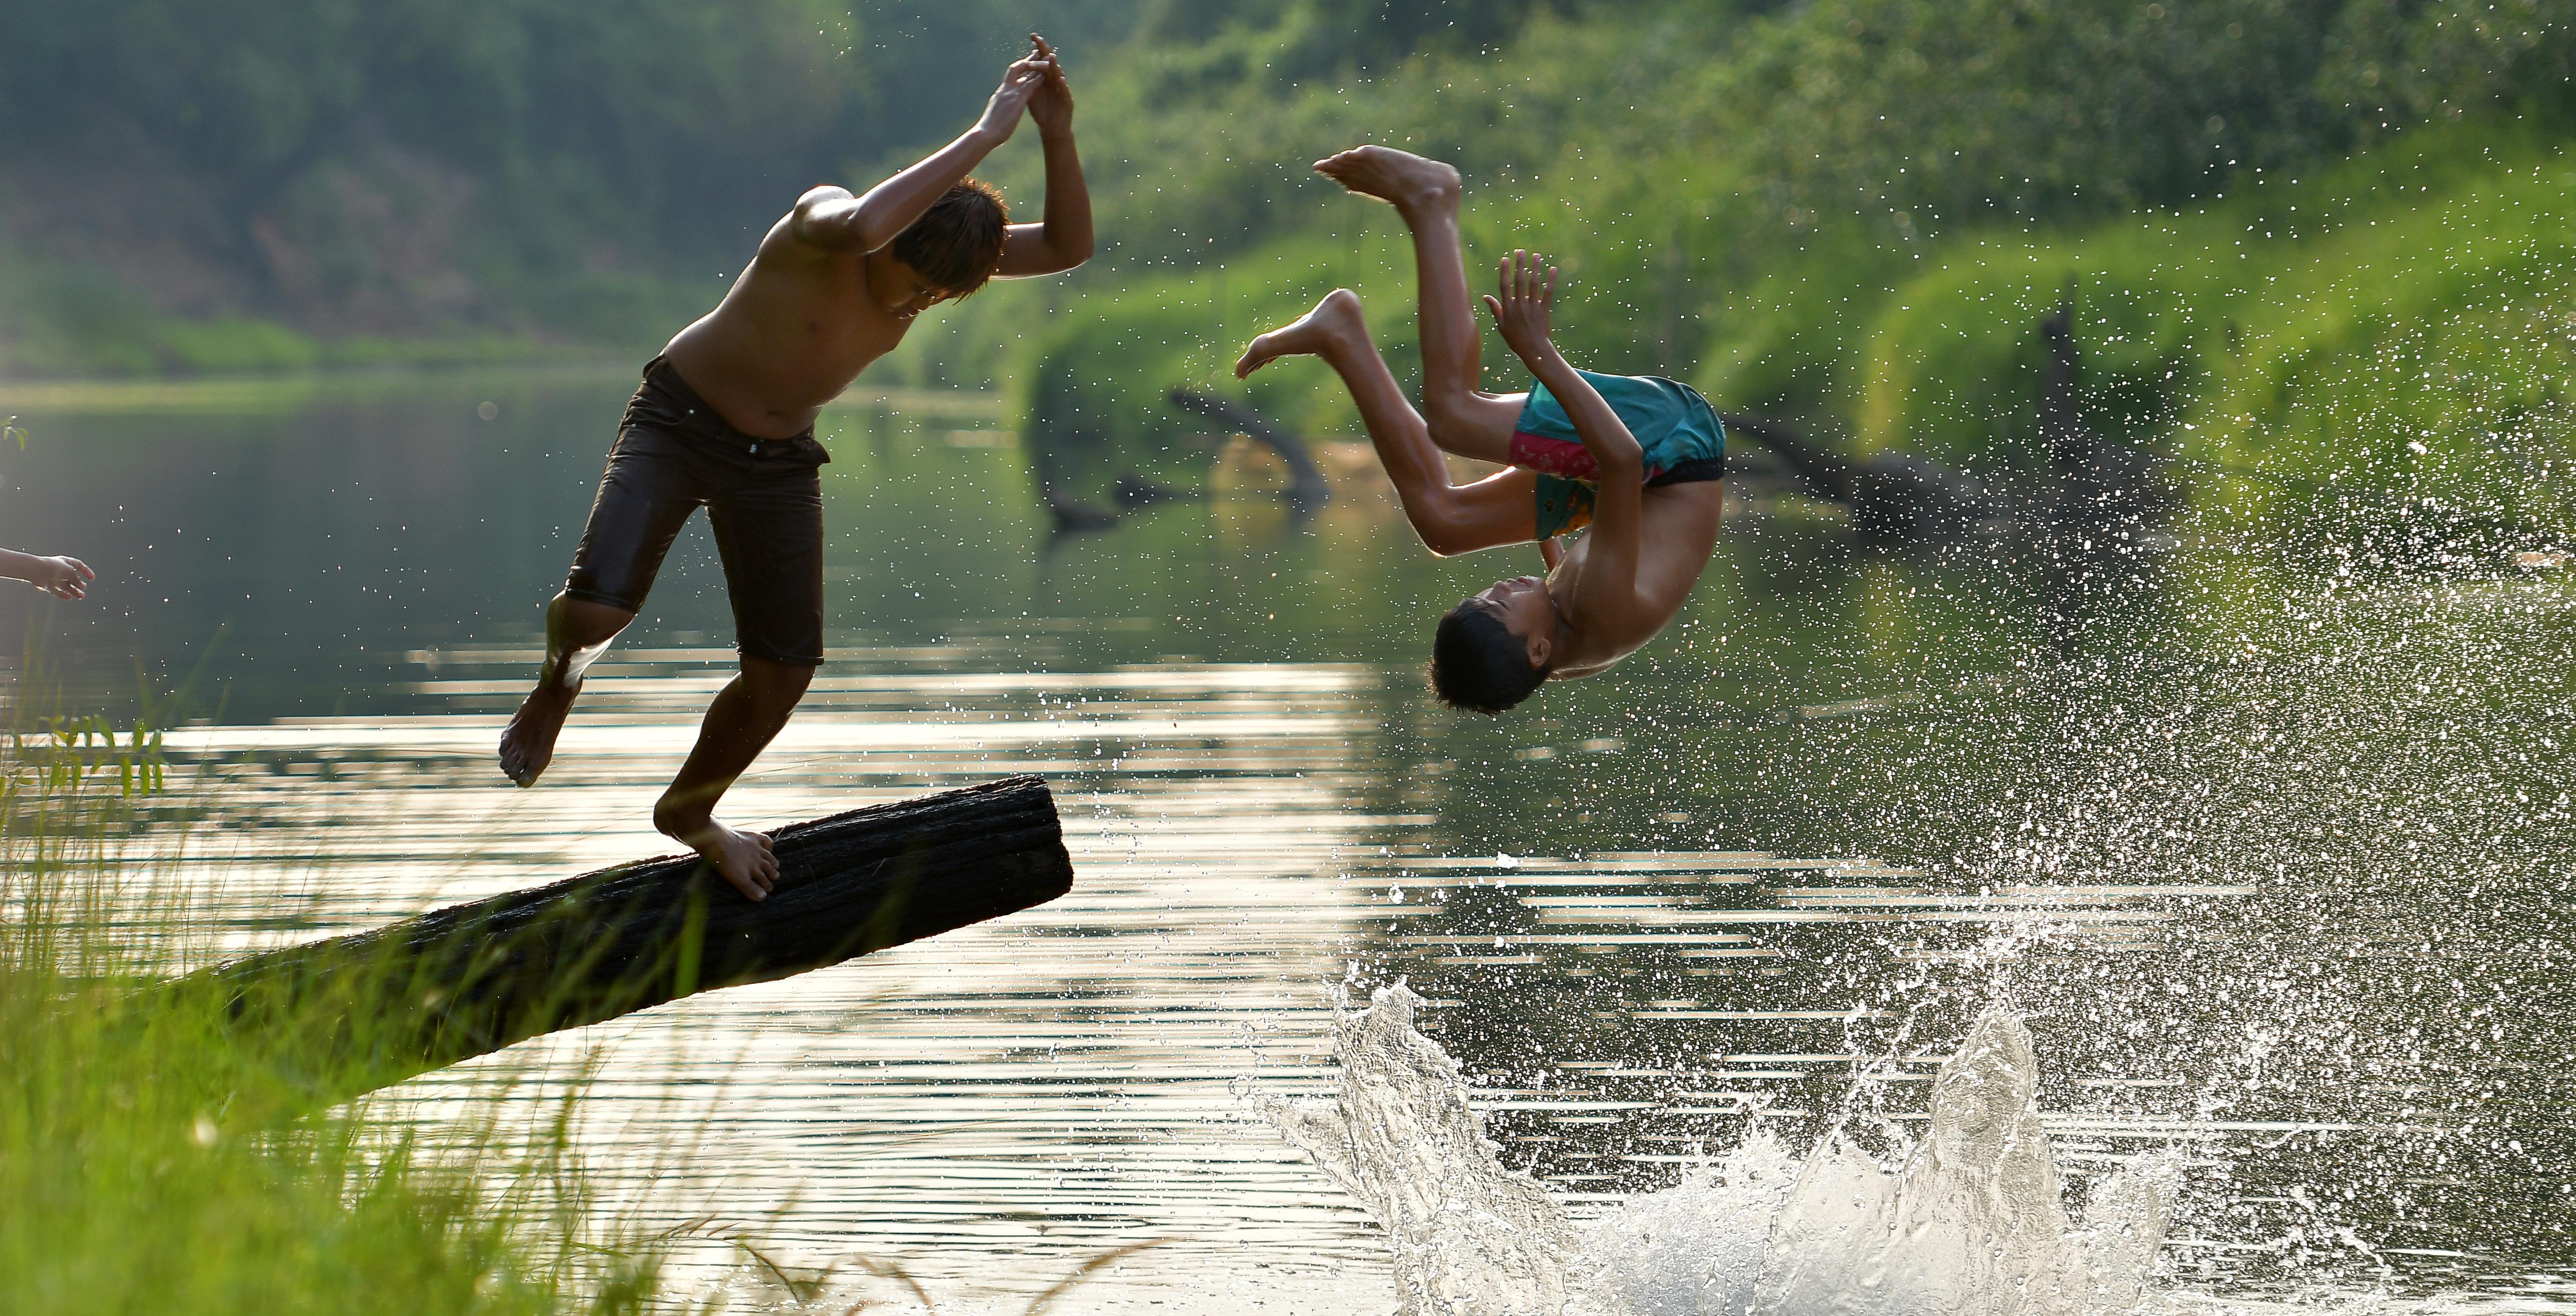 Zwemmen in de natuur - Shutterstock